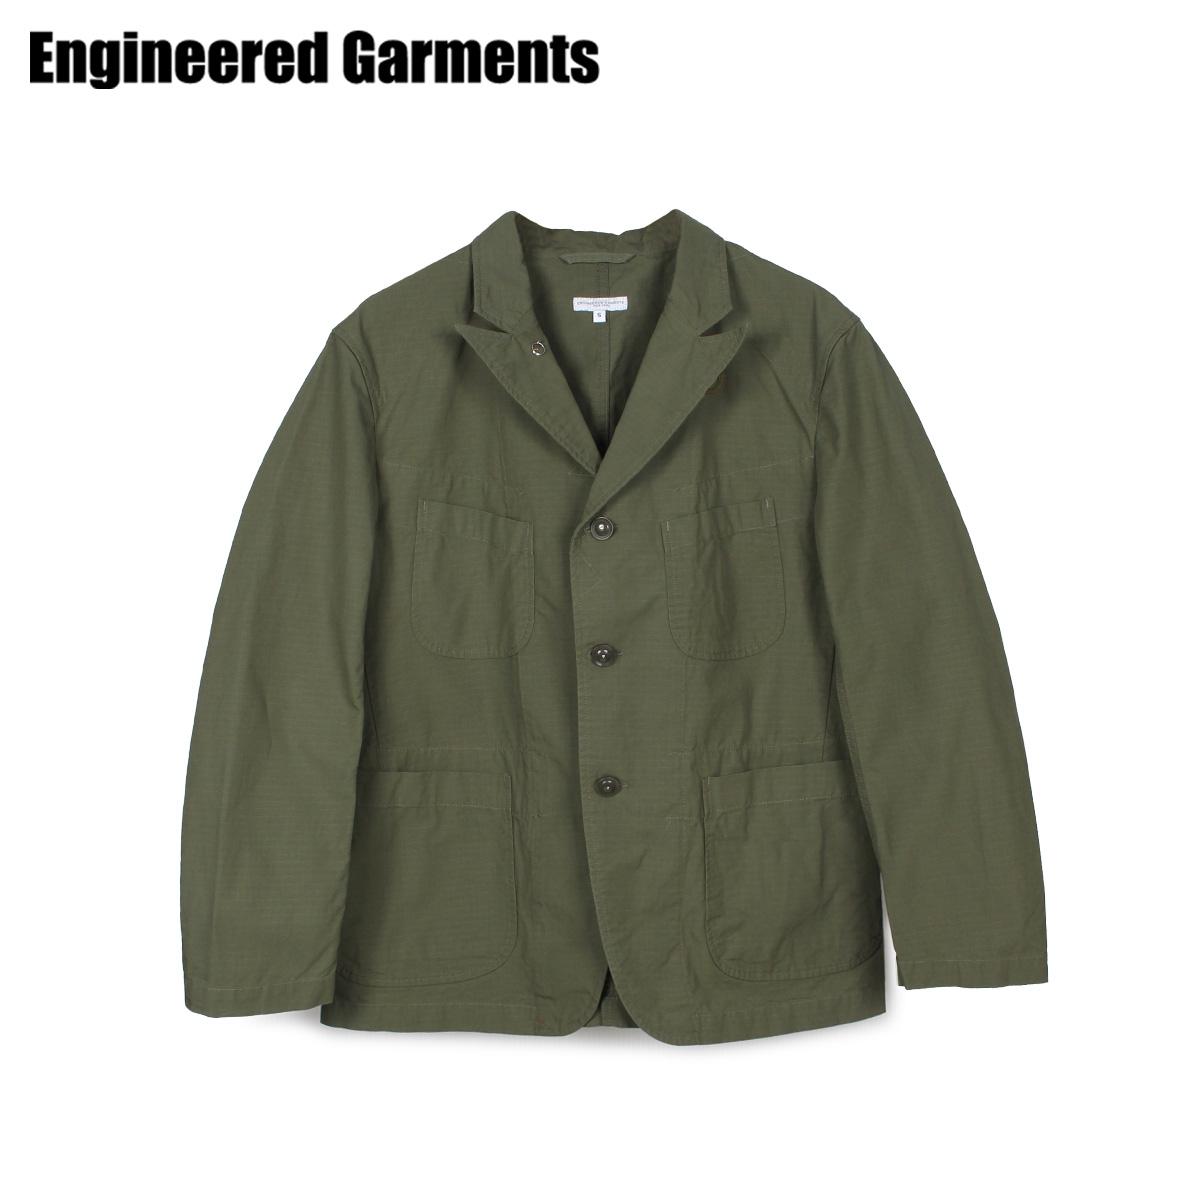 ENGINEERED GARMENTS エンジニアドガーメンツ ベッドフォードジャケット ジャケット メンズ BEDFORD JACKET オリーブ 20S1D005